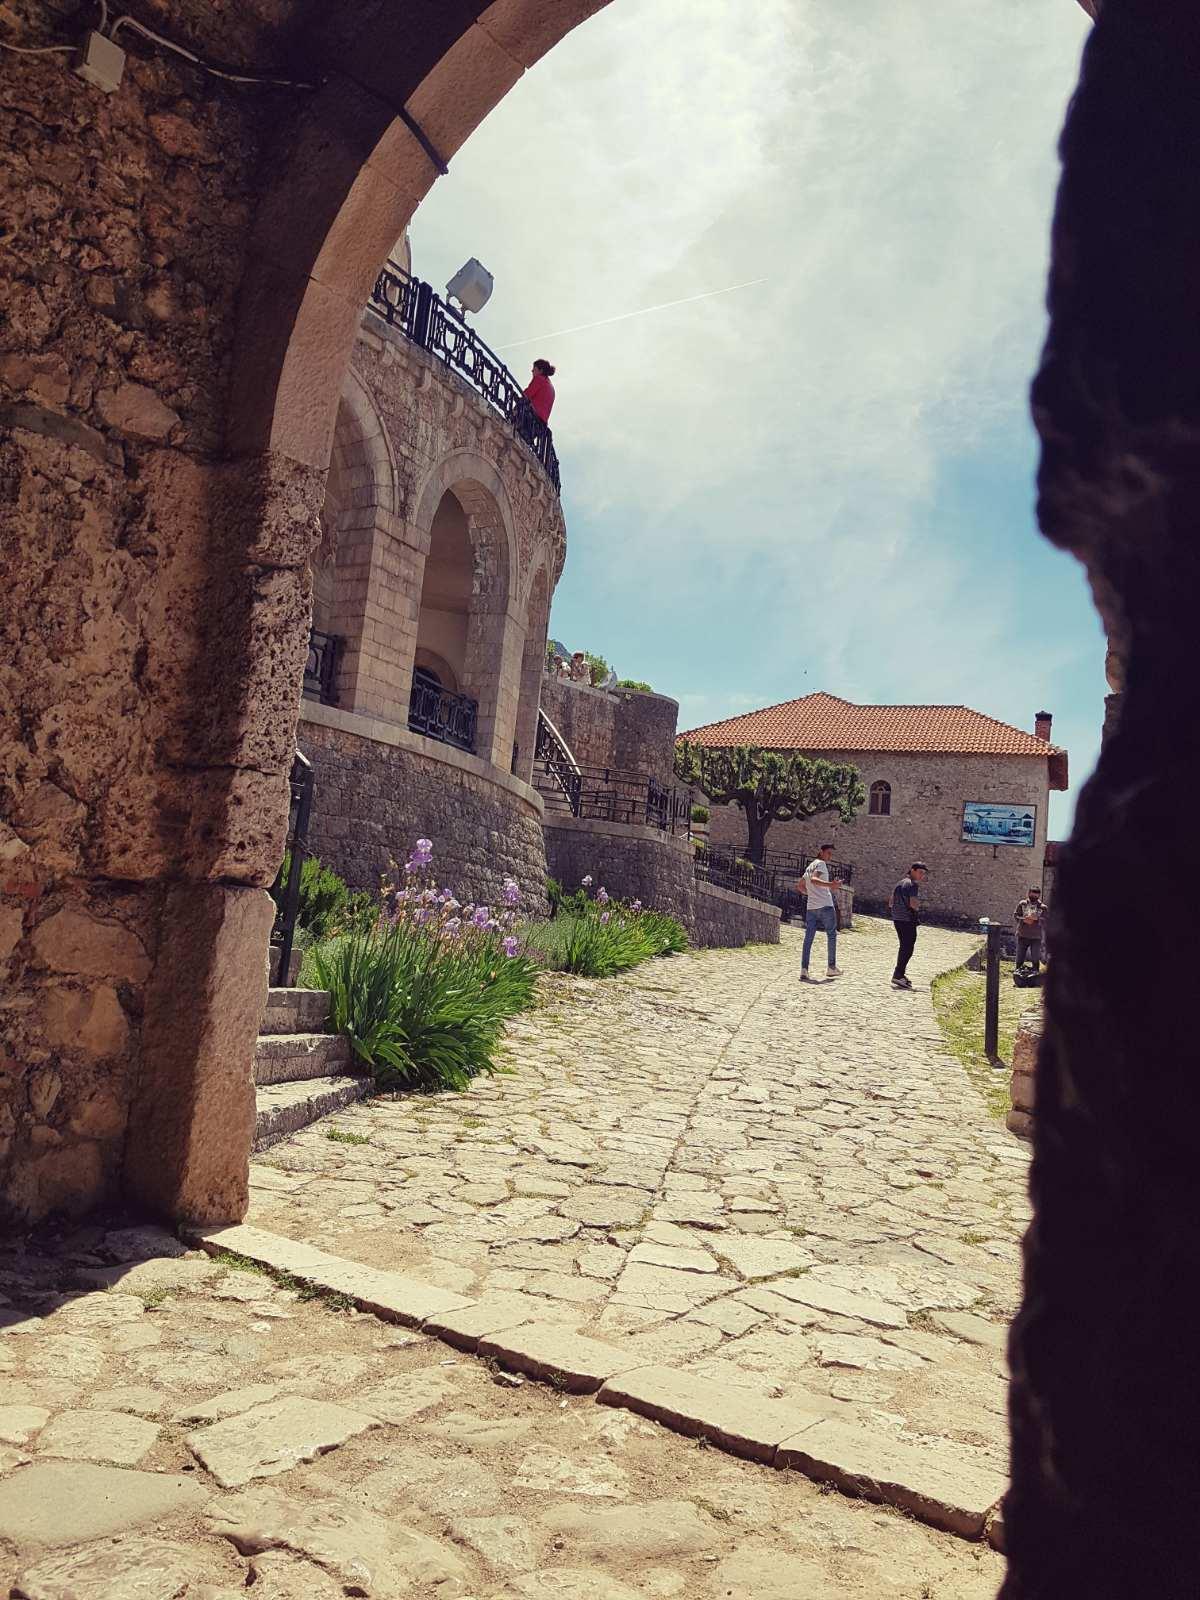 Albanija Kruja putovanje